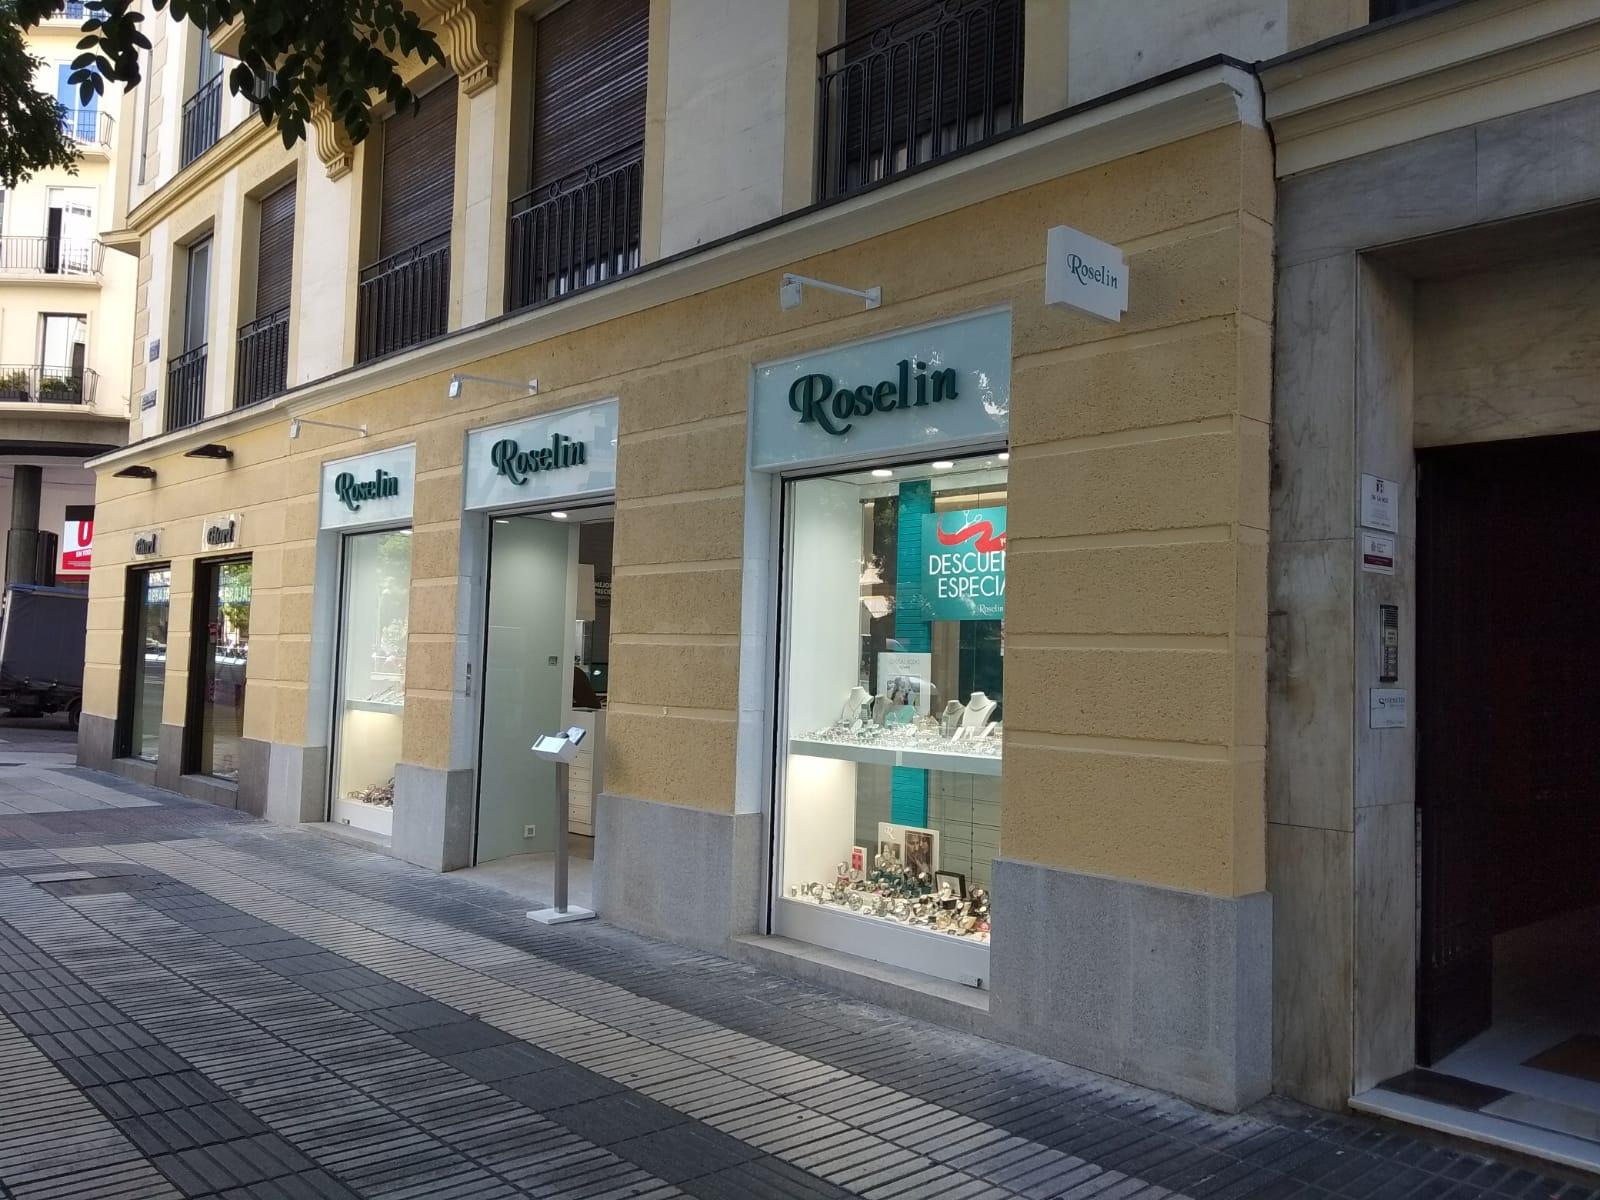 Tienda Roselin en Goya